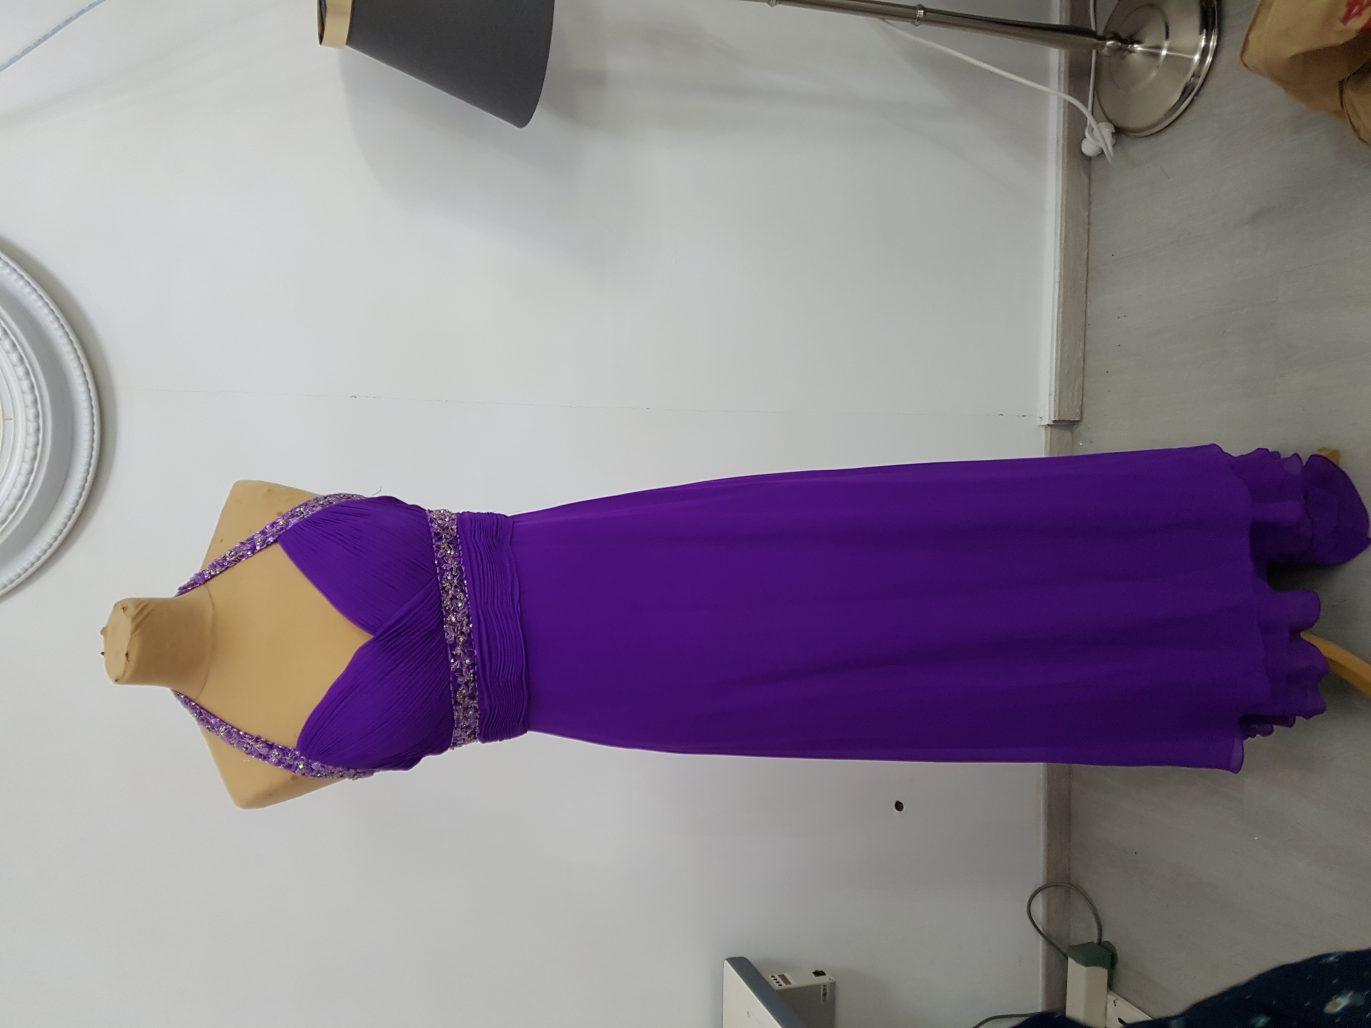 תמונות נוספות של שמלת ערב עדינה ומרשימה